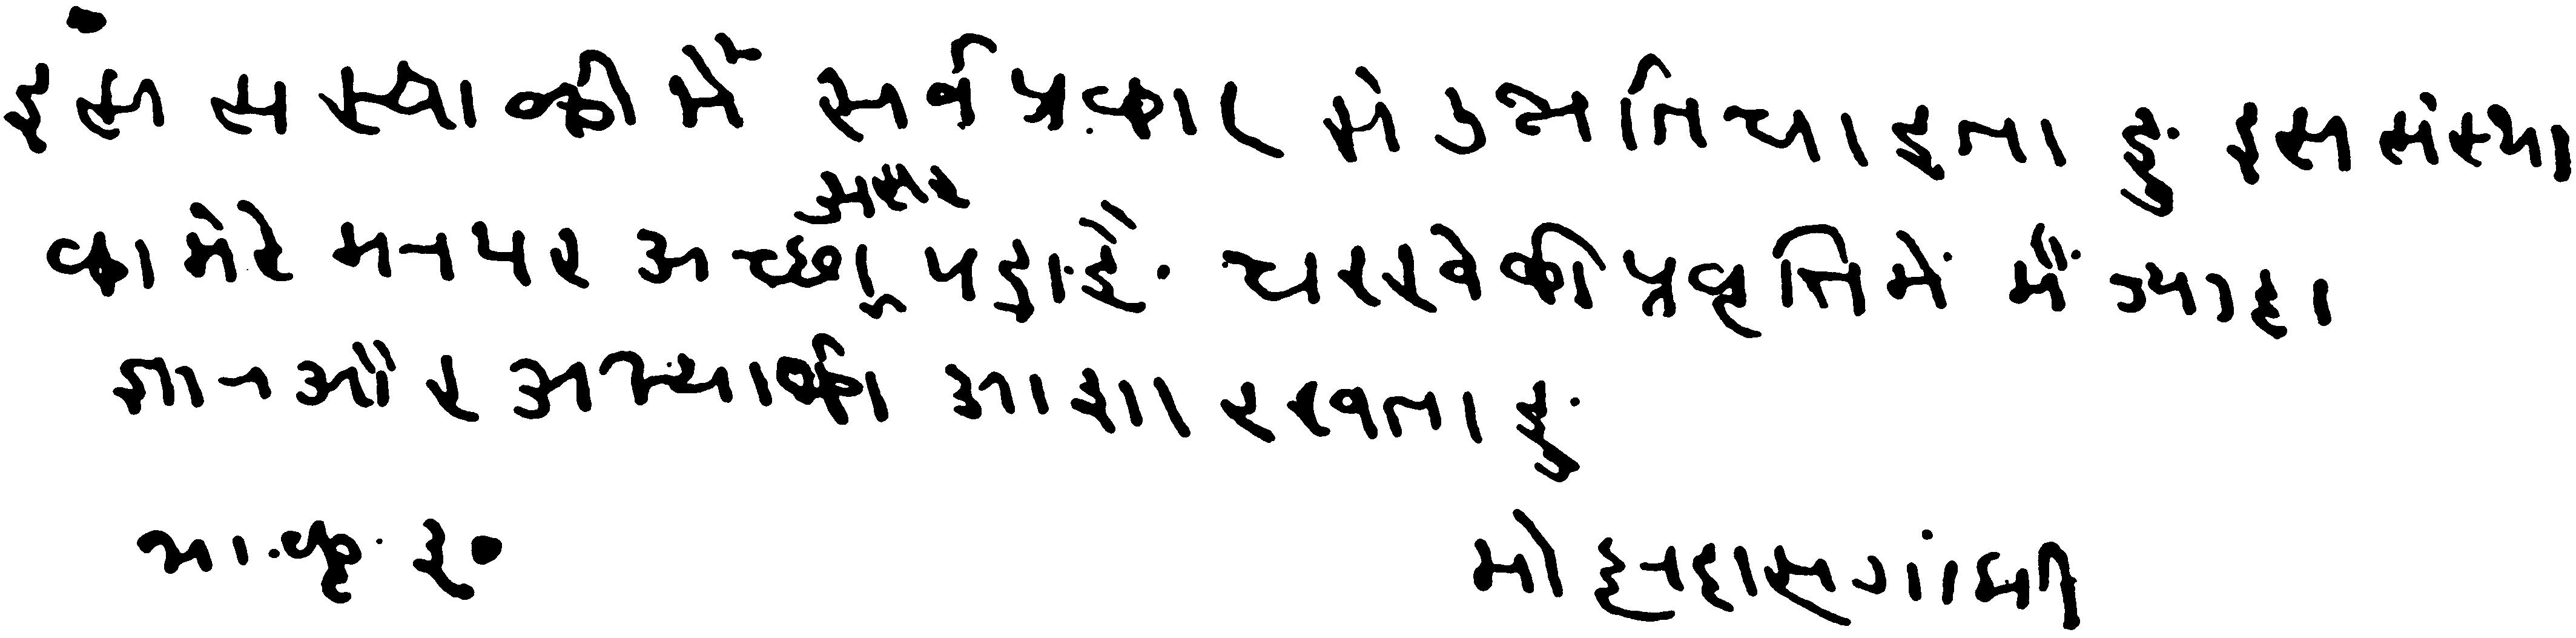 Devanagari Handwriting Mahatma Gandhi visited my high